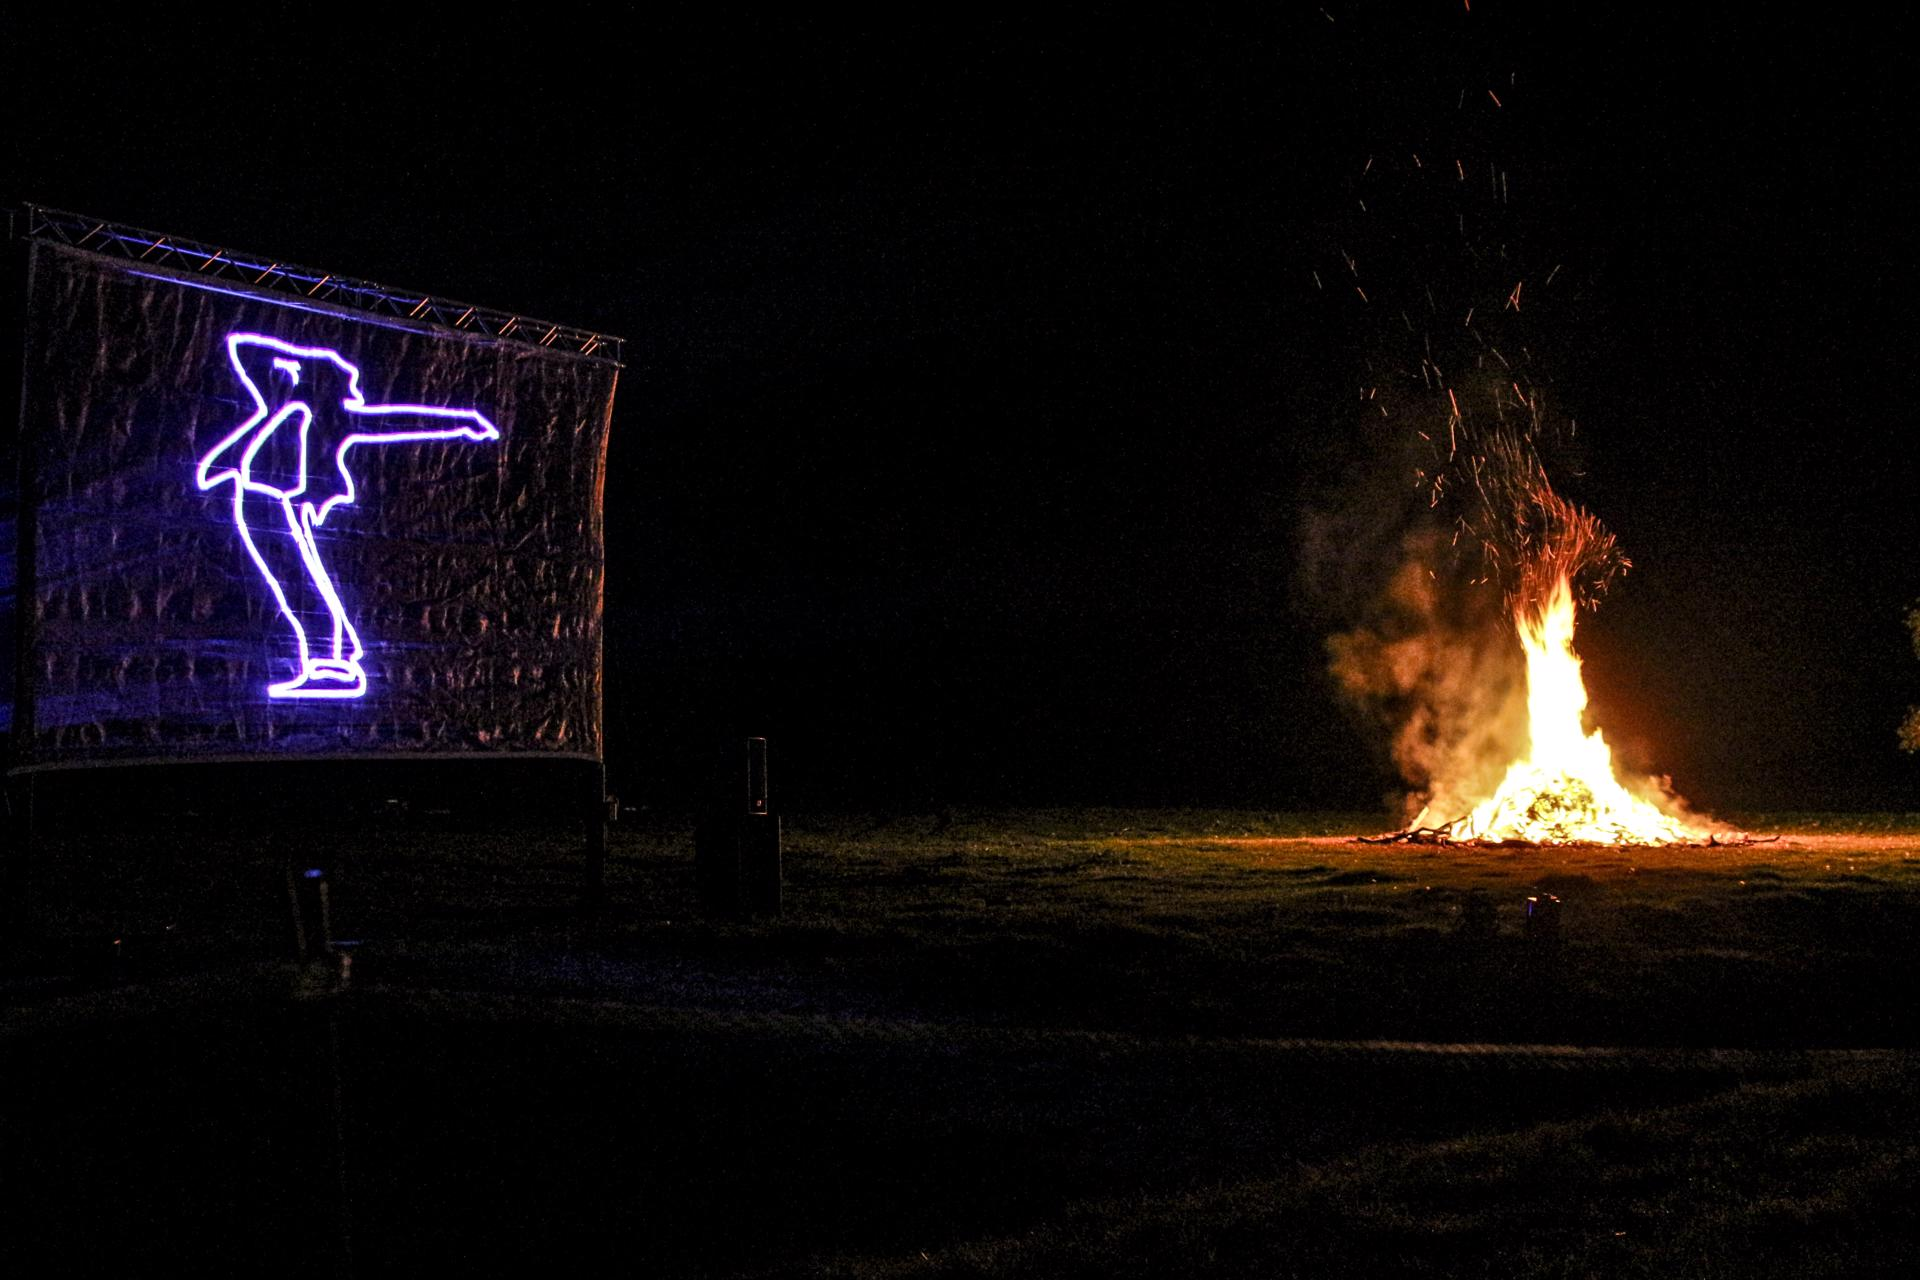 hamptoncourtfireworks-32_32893170006_o-1920x1280.jpg